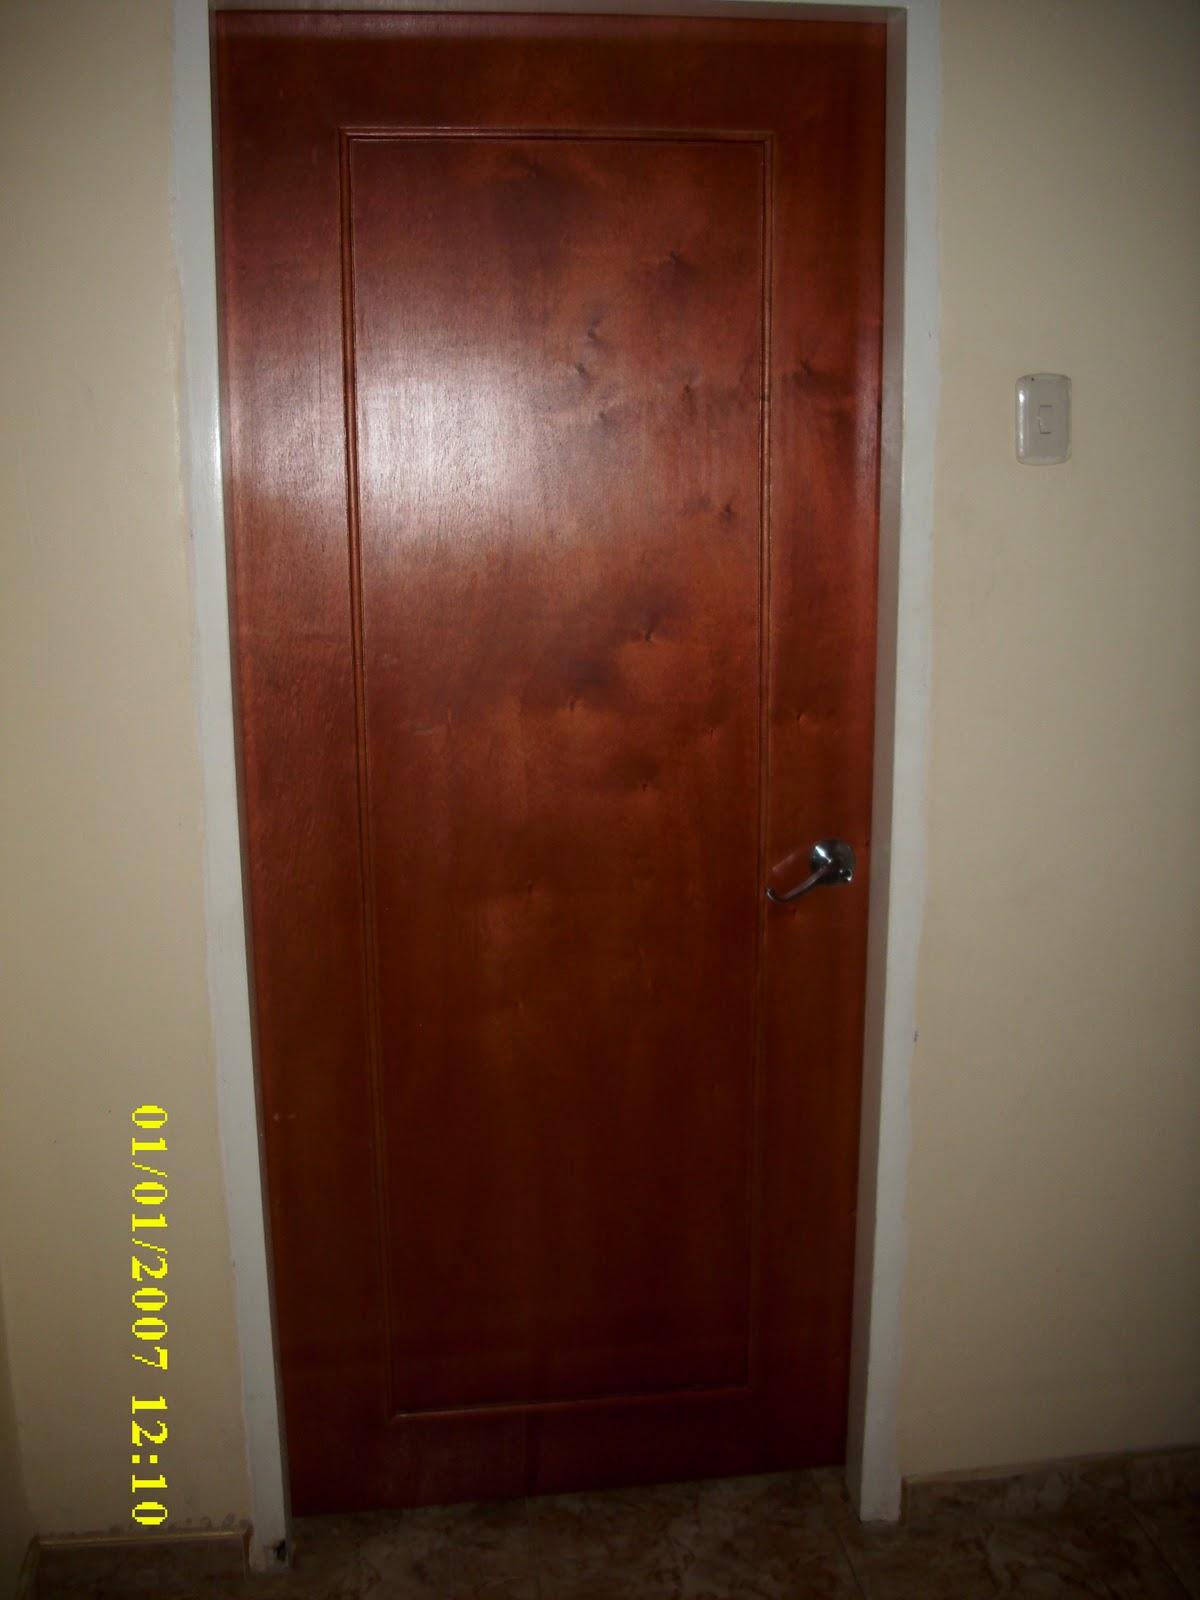 Mis trabajos en madera puerta entamborada en lamina de for Puerta entamborada